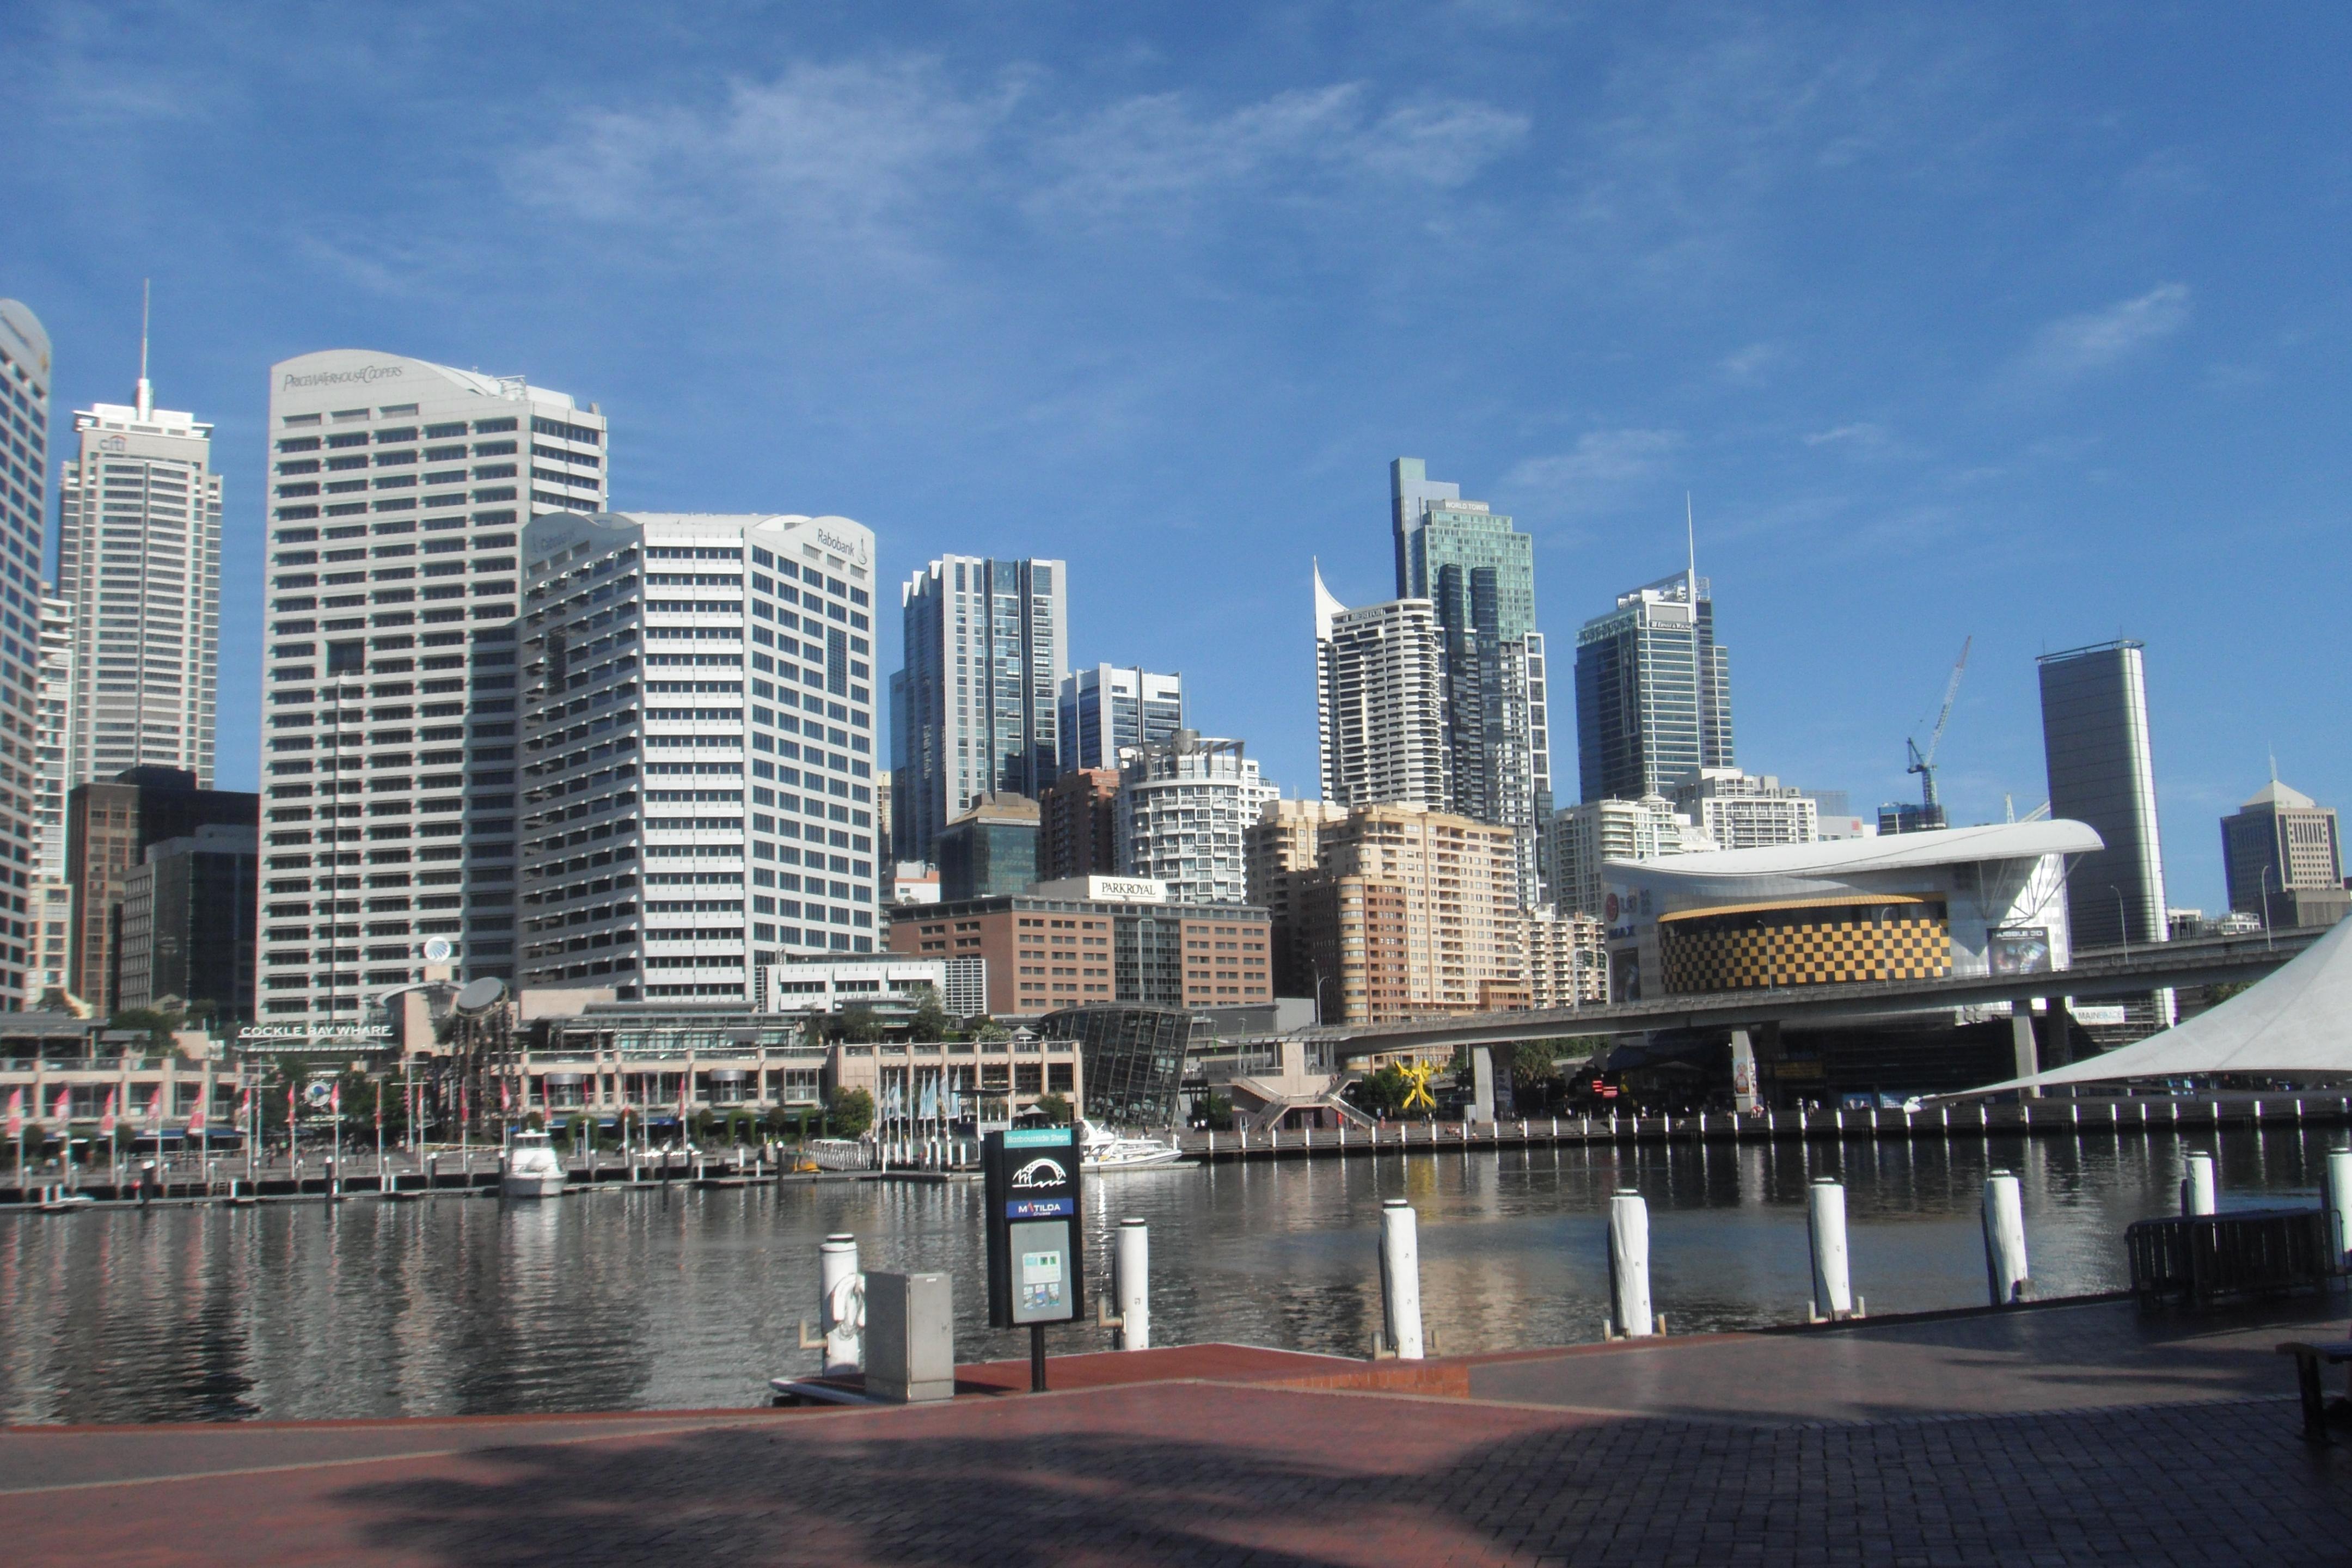 Investissement immobilier : ces grandes métropoles régionales à privilégier